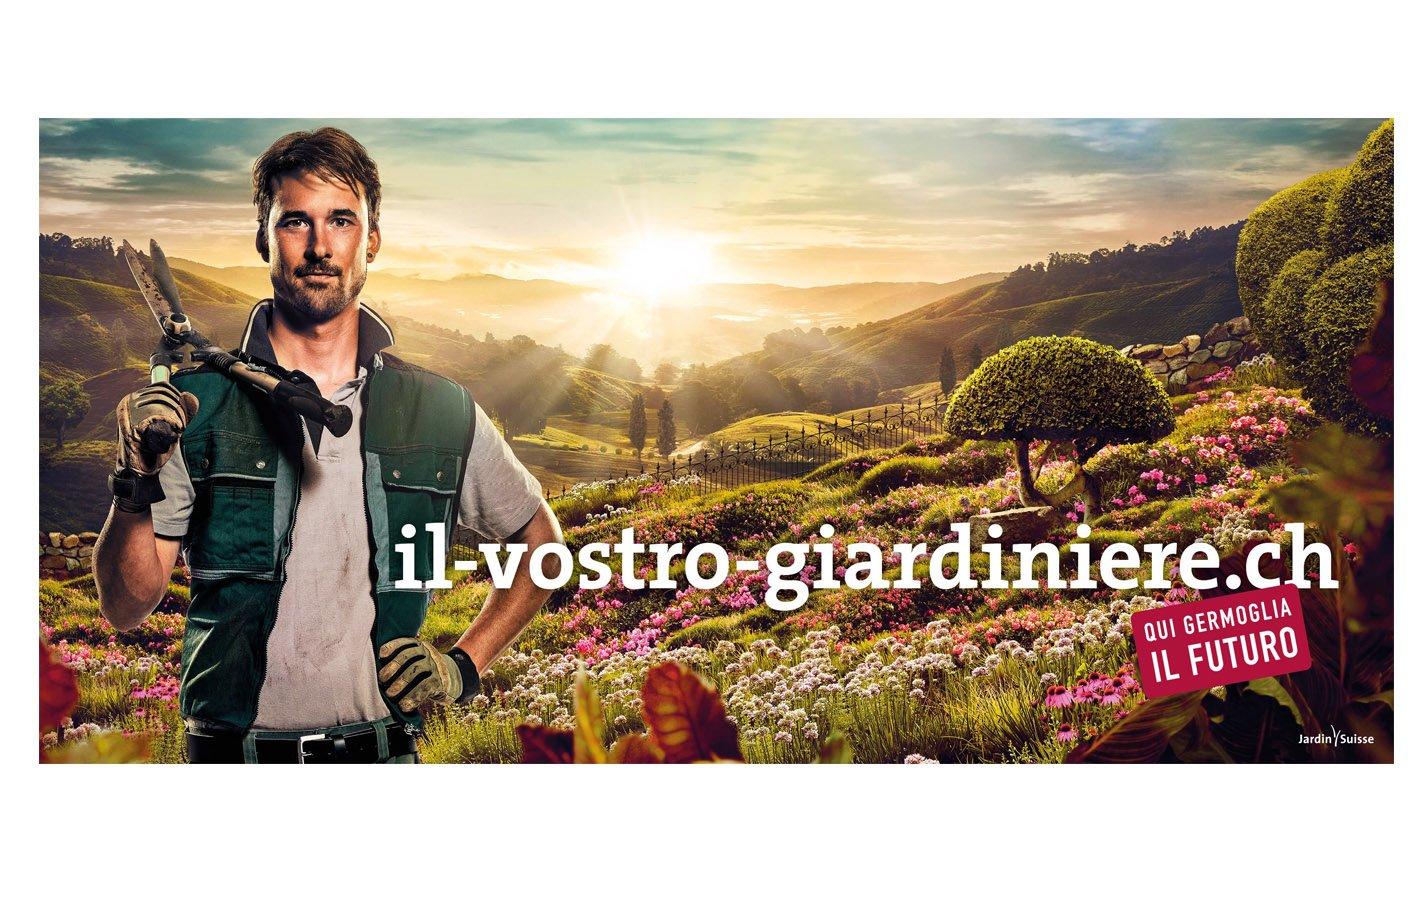 ihr Gärtner hero Italienisch